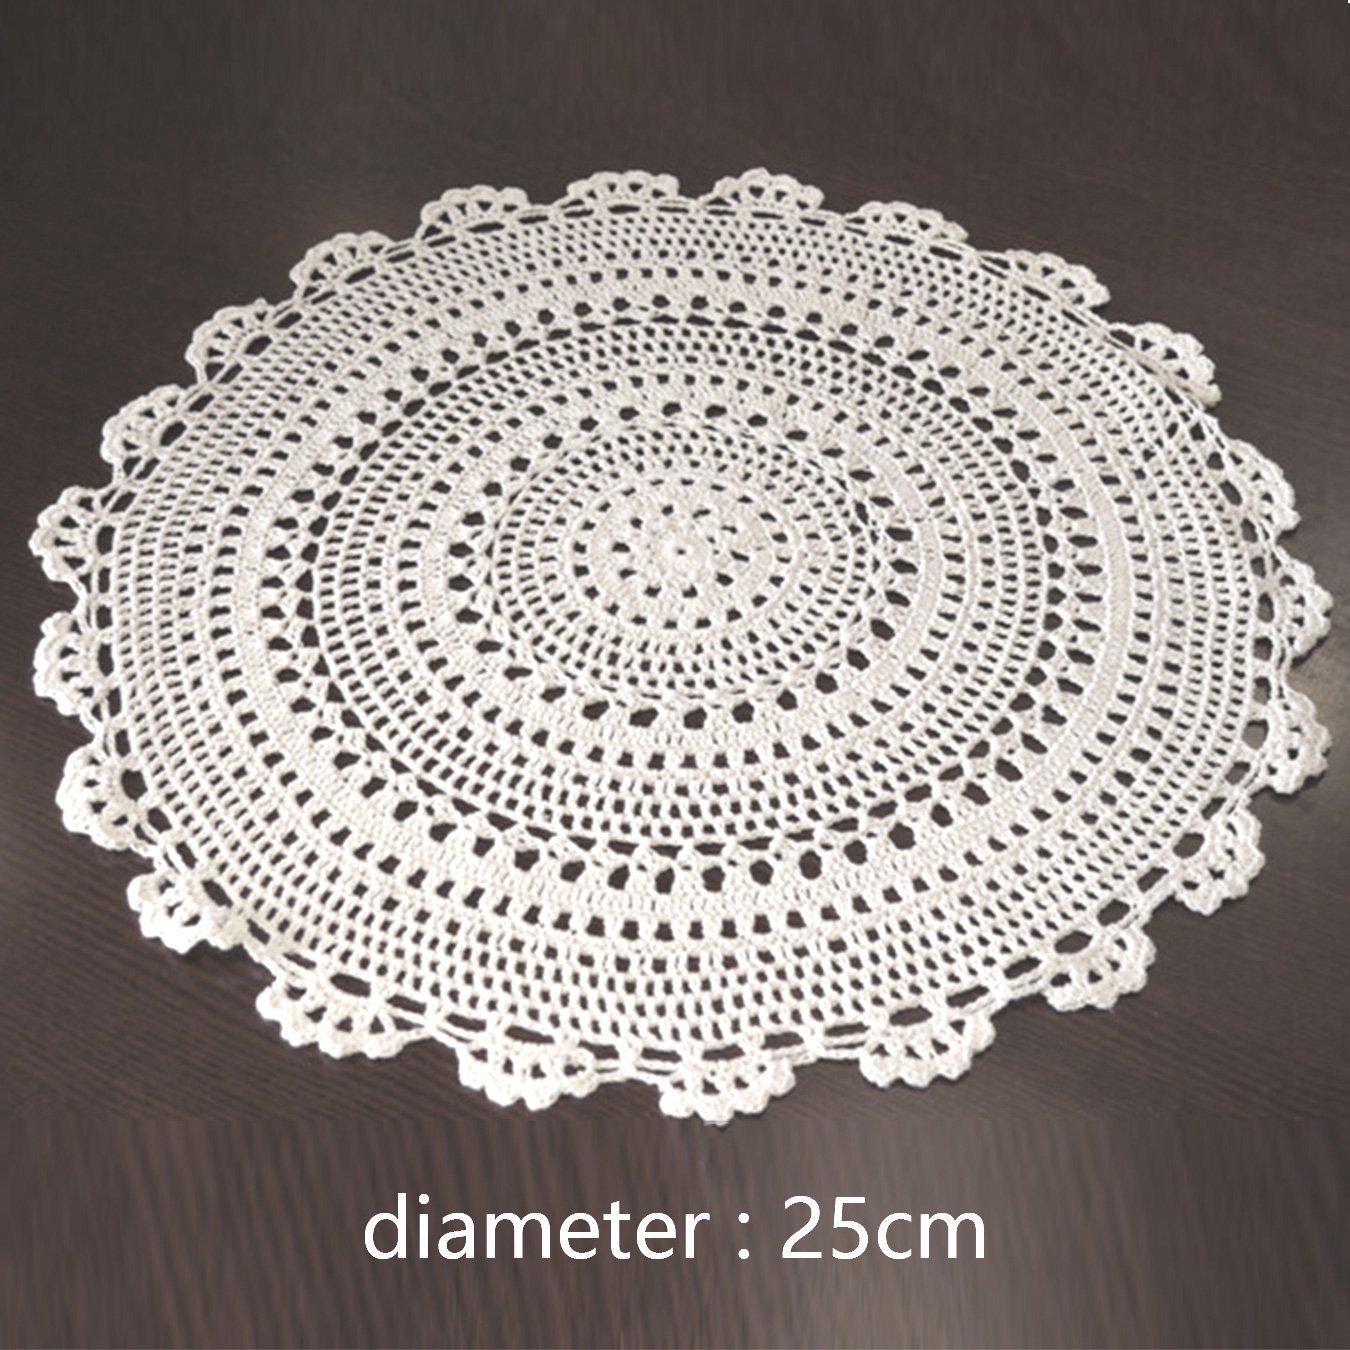 uooom 2 pcs hecho a mano Crochet Doilies hueca mantel redondo de encaje de  algodón manteles individuales de mesa con diseño de flores, blanco